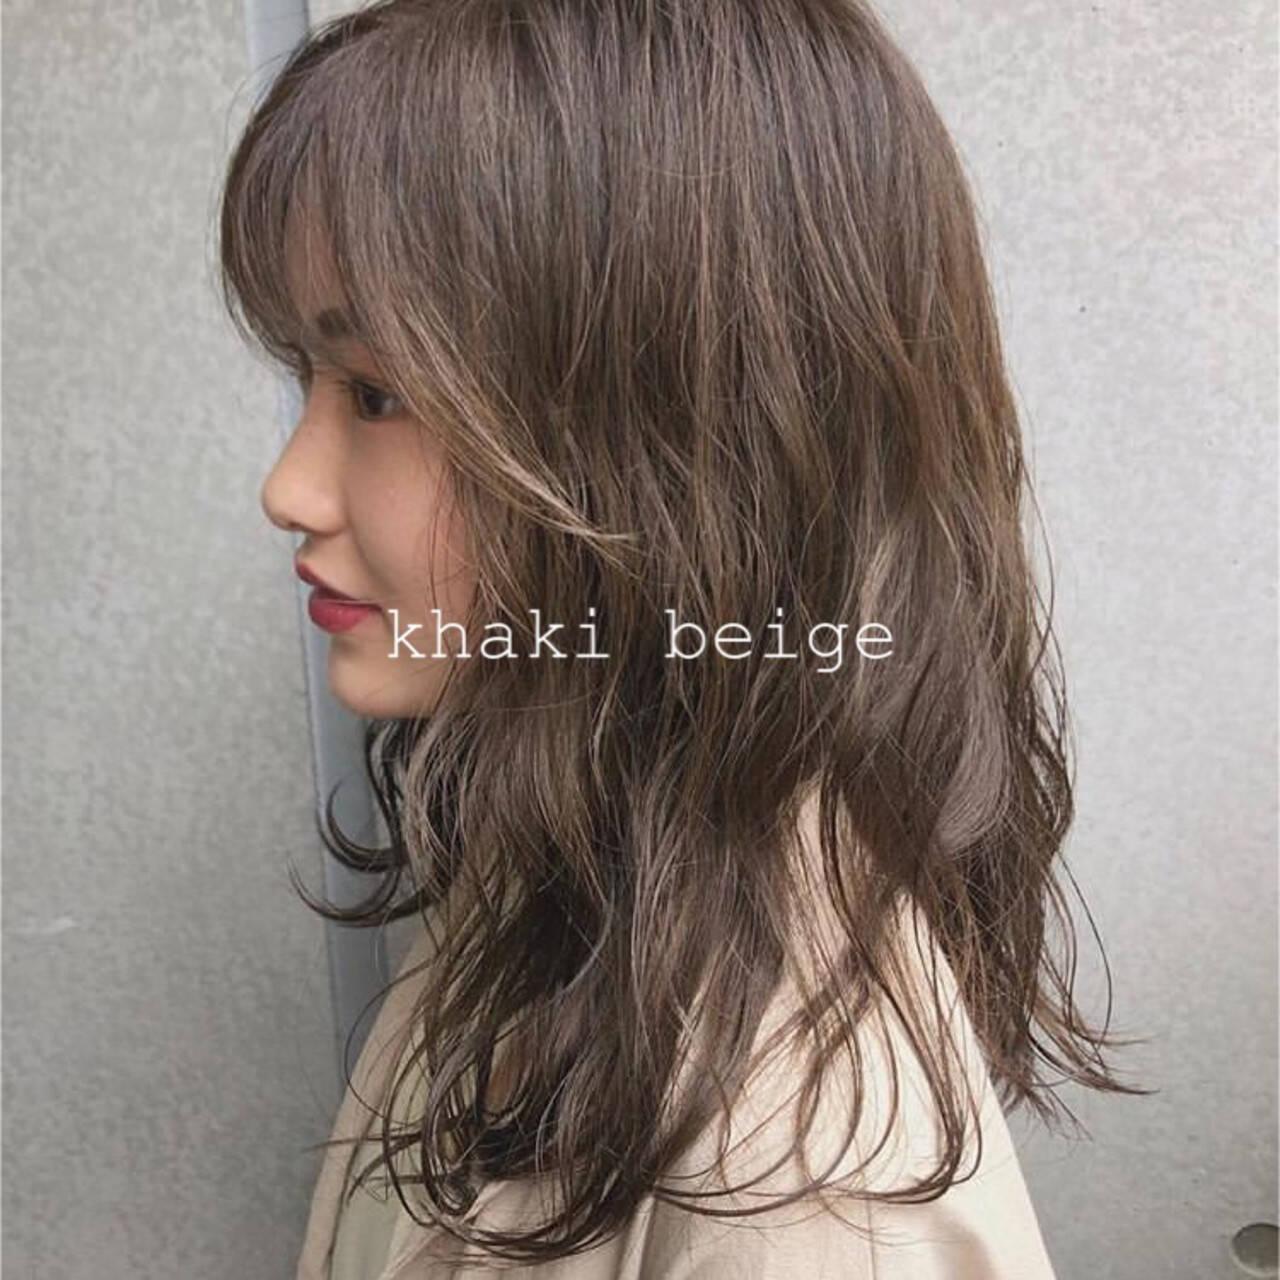 ナチュラル アッシュブラウン カーキアッシュ デザインカラーヘアスタイルや髪型の写真・画像